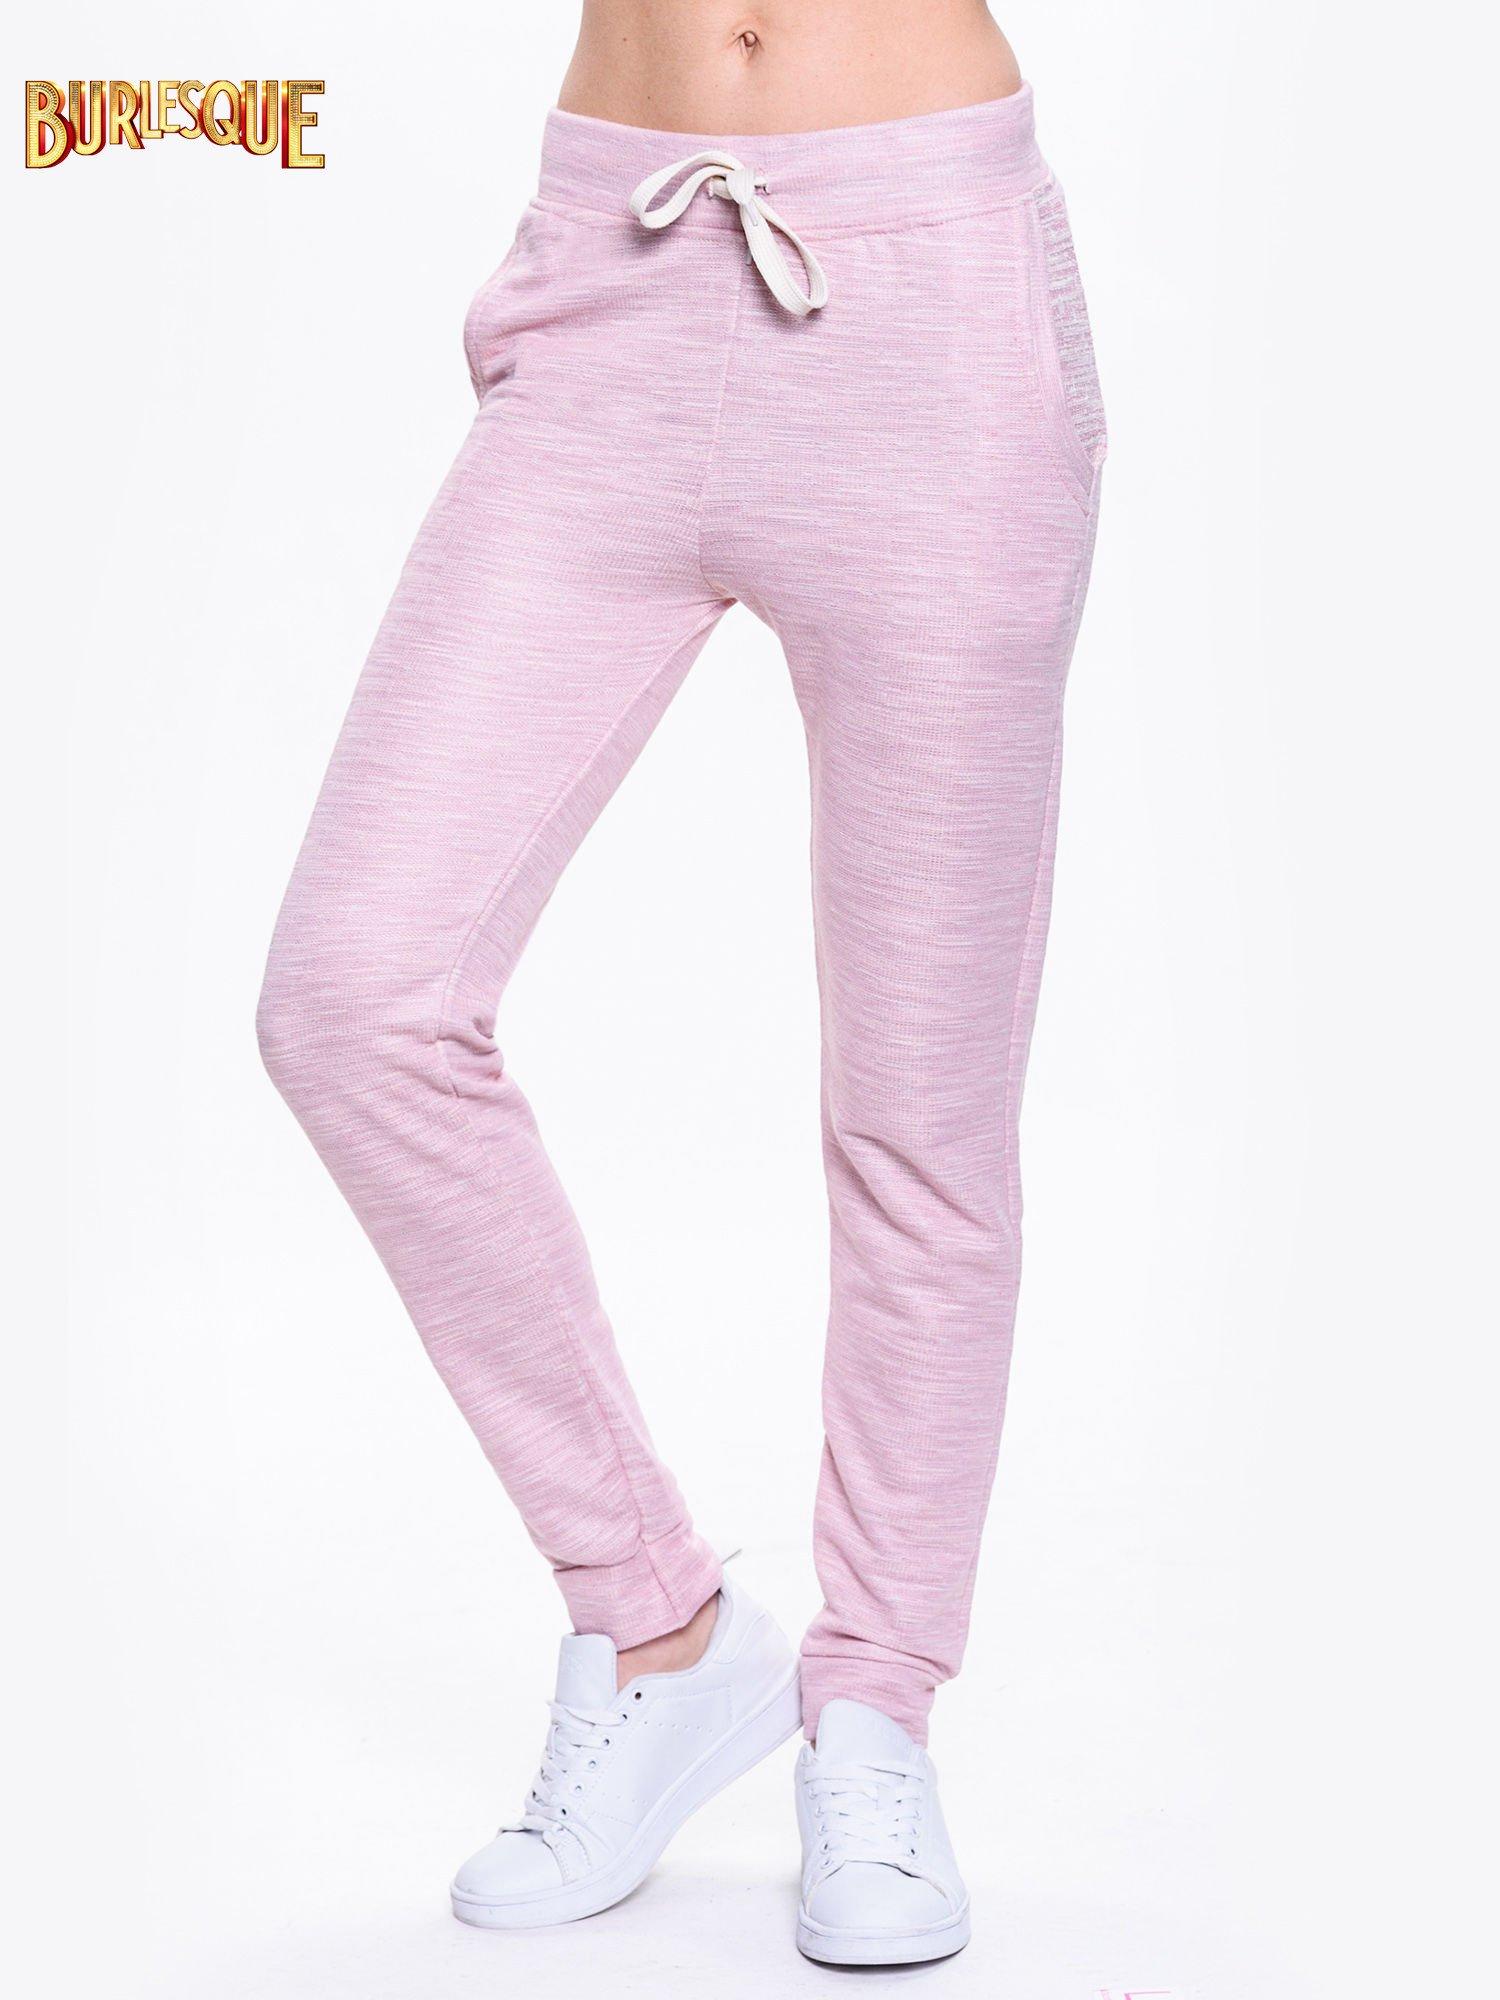 Różowe dresowe spodnie damskie o kroju baggy                                  zdj.                                  1